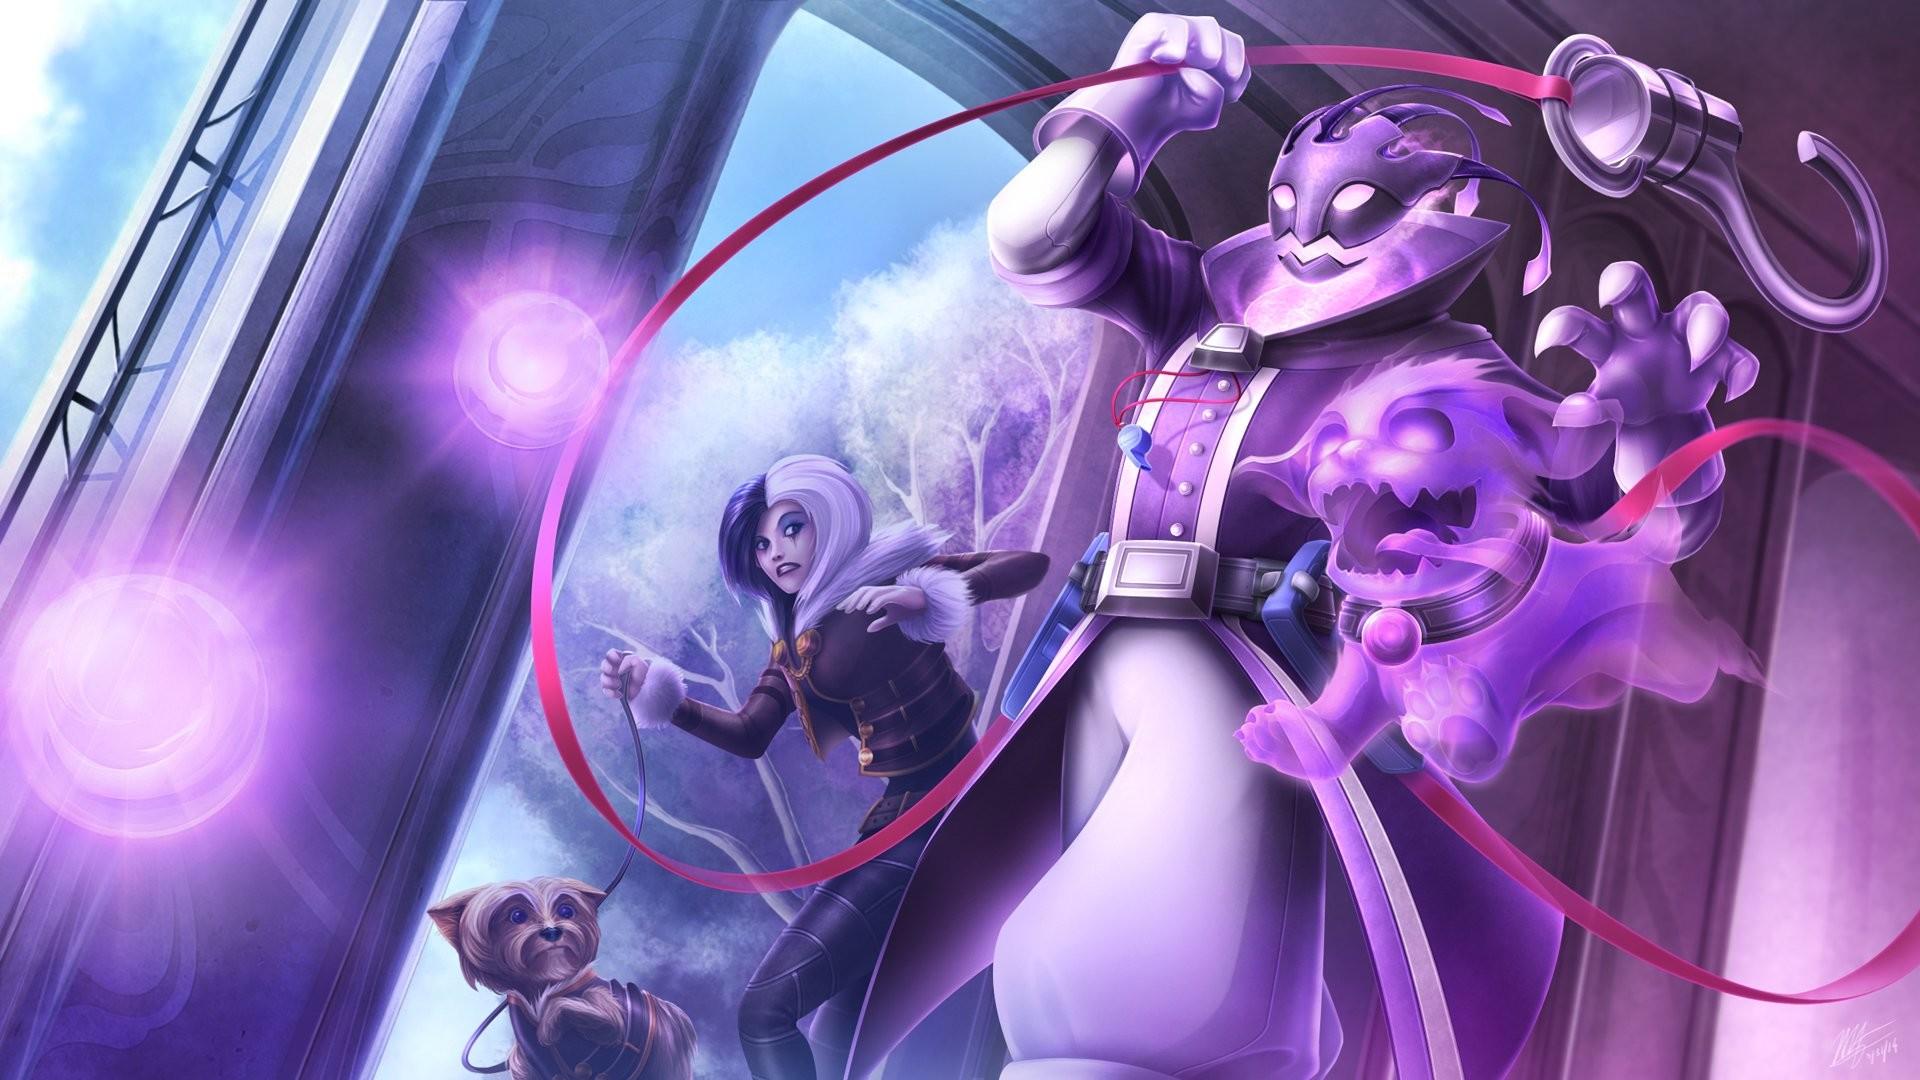 Video Game – League Of Legends Thresh (League Of Legends) Wallpaper